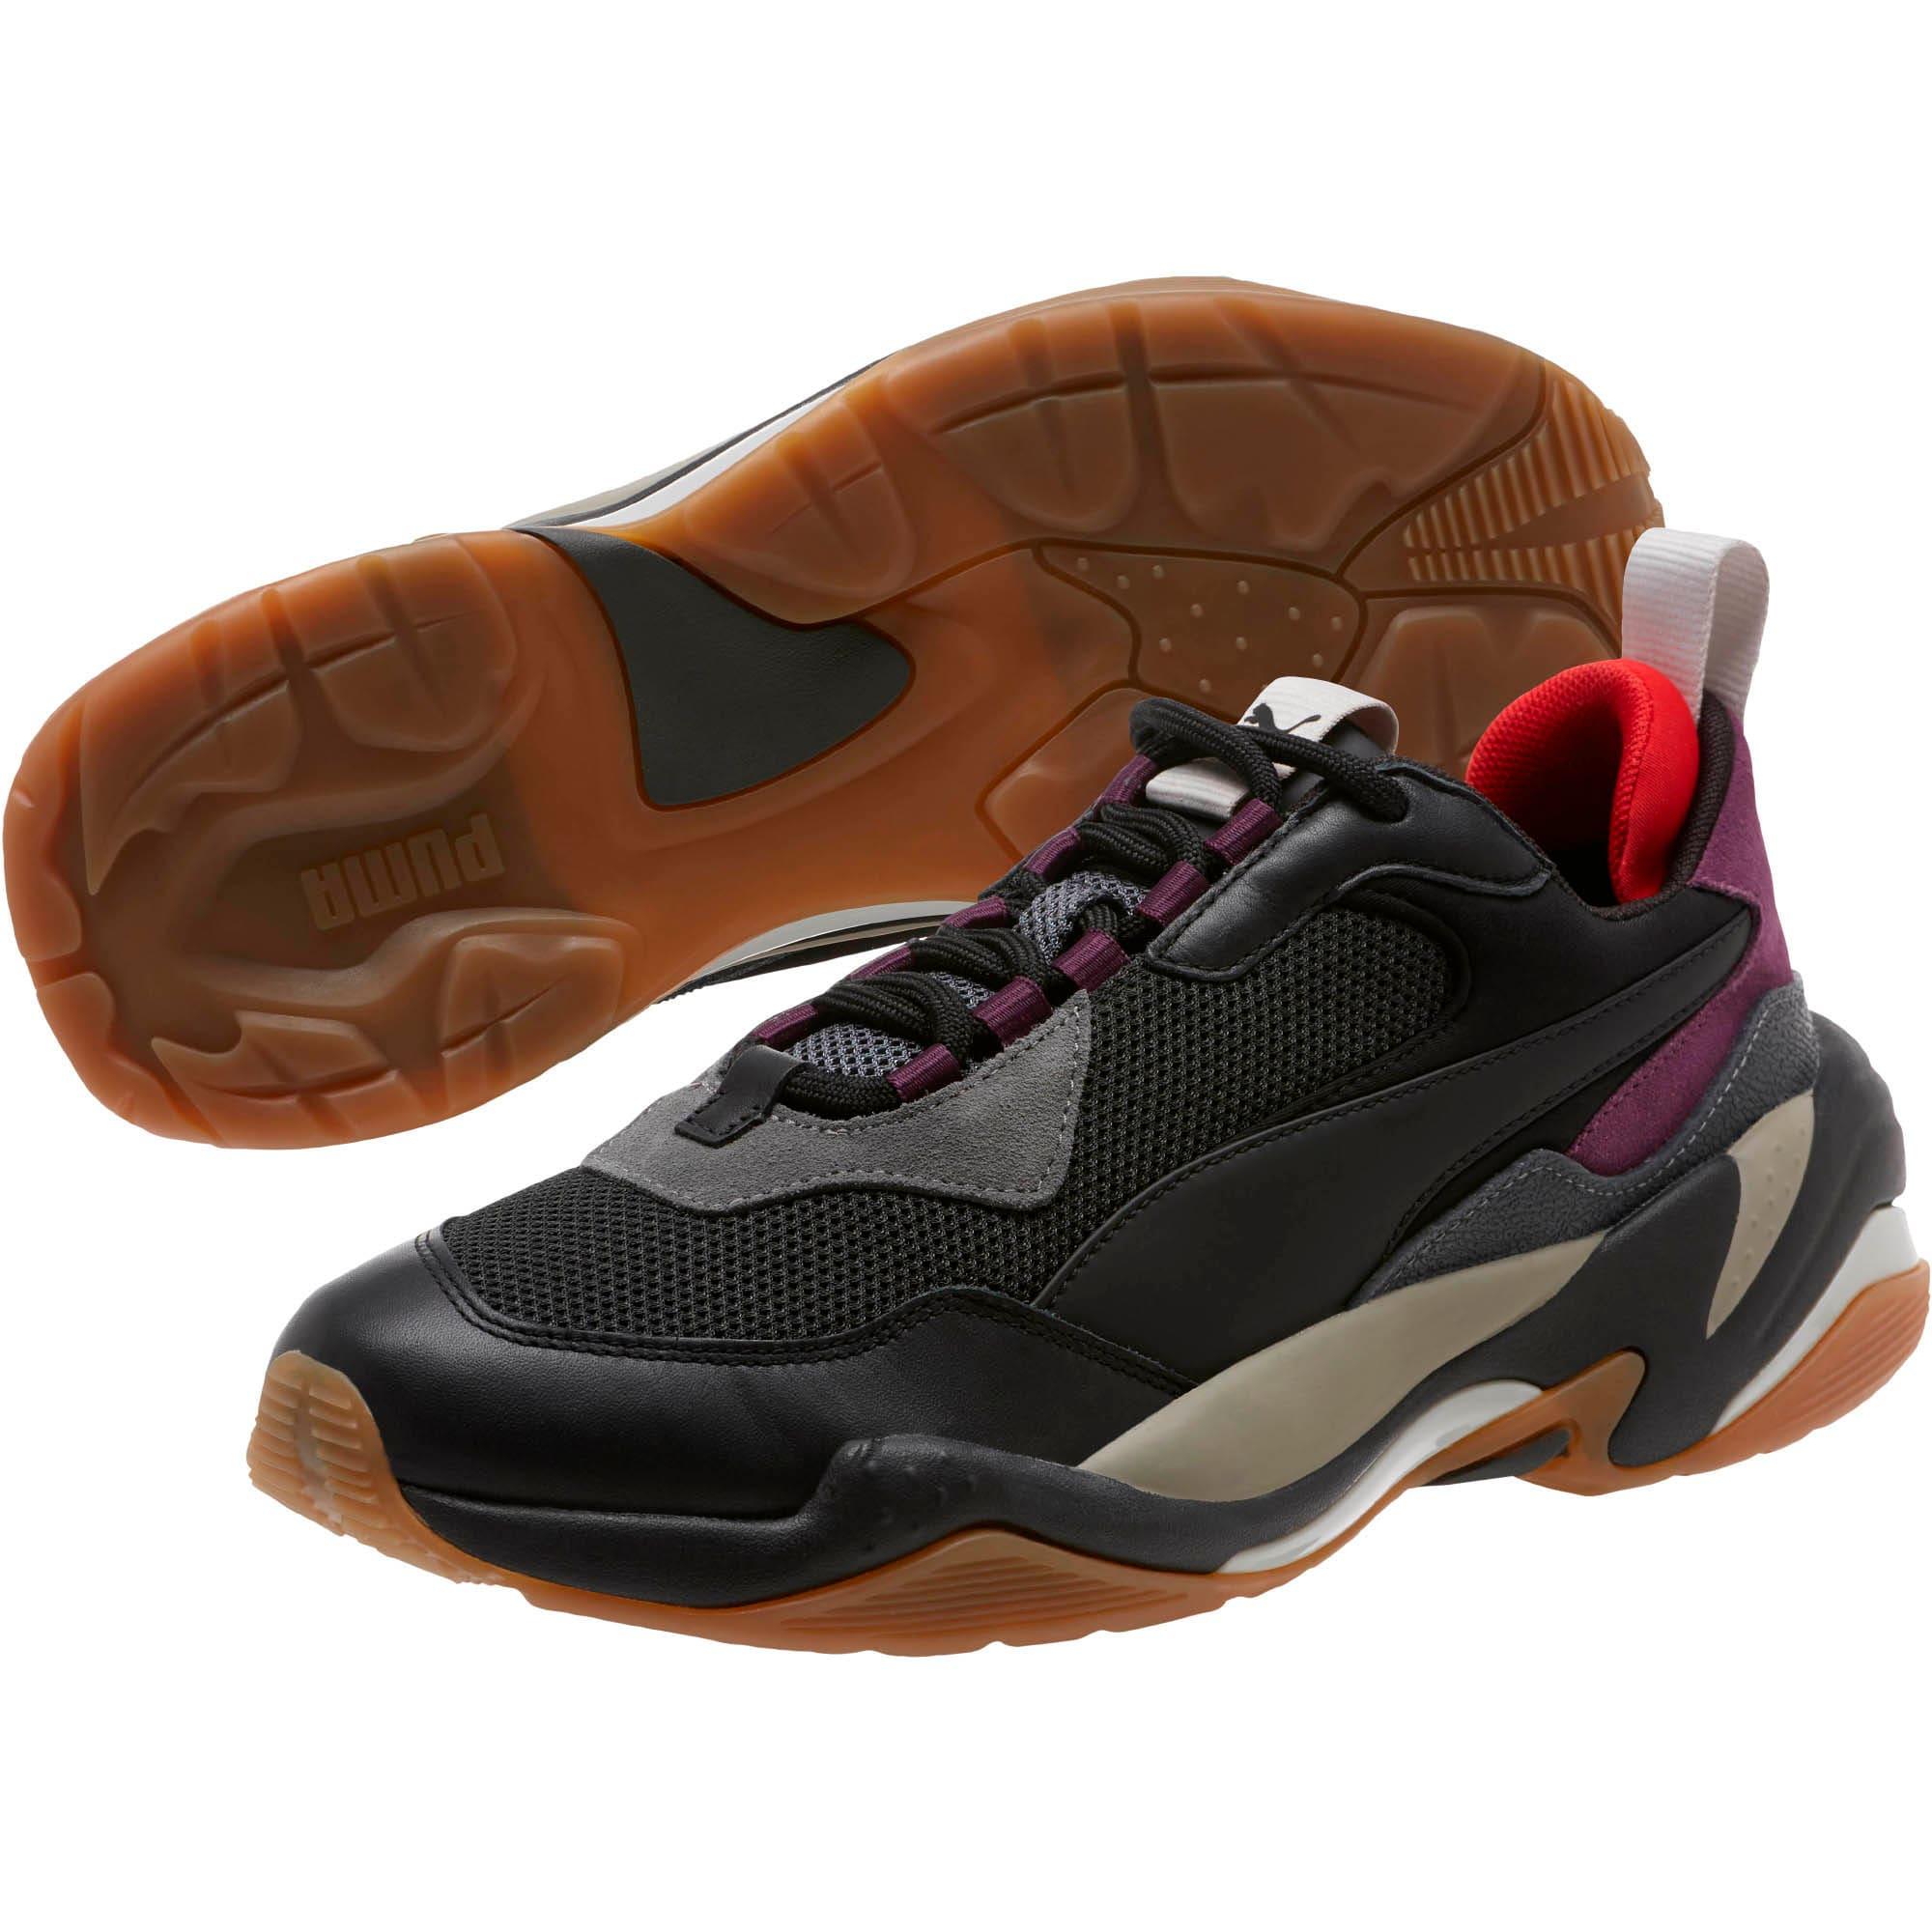 Miniatura 2 de Zapatos deportivosThunder Spectrapara hombre, Puma Black, mediano